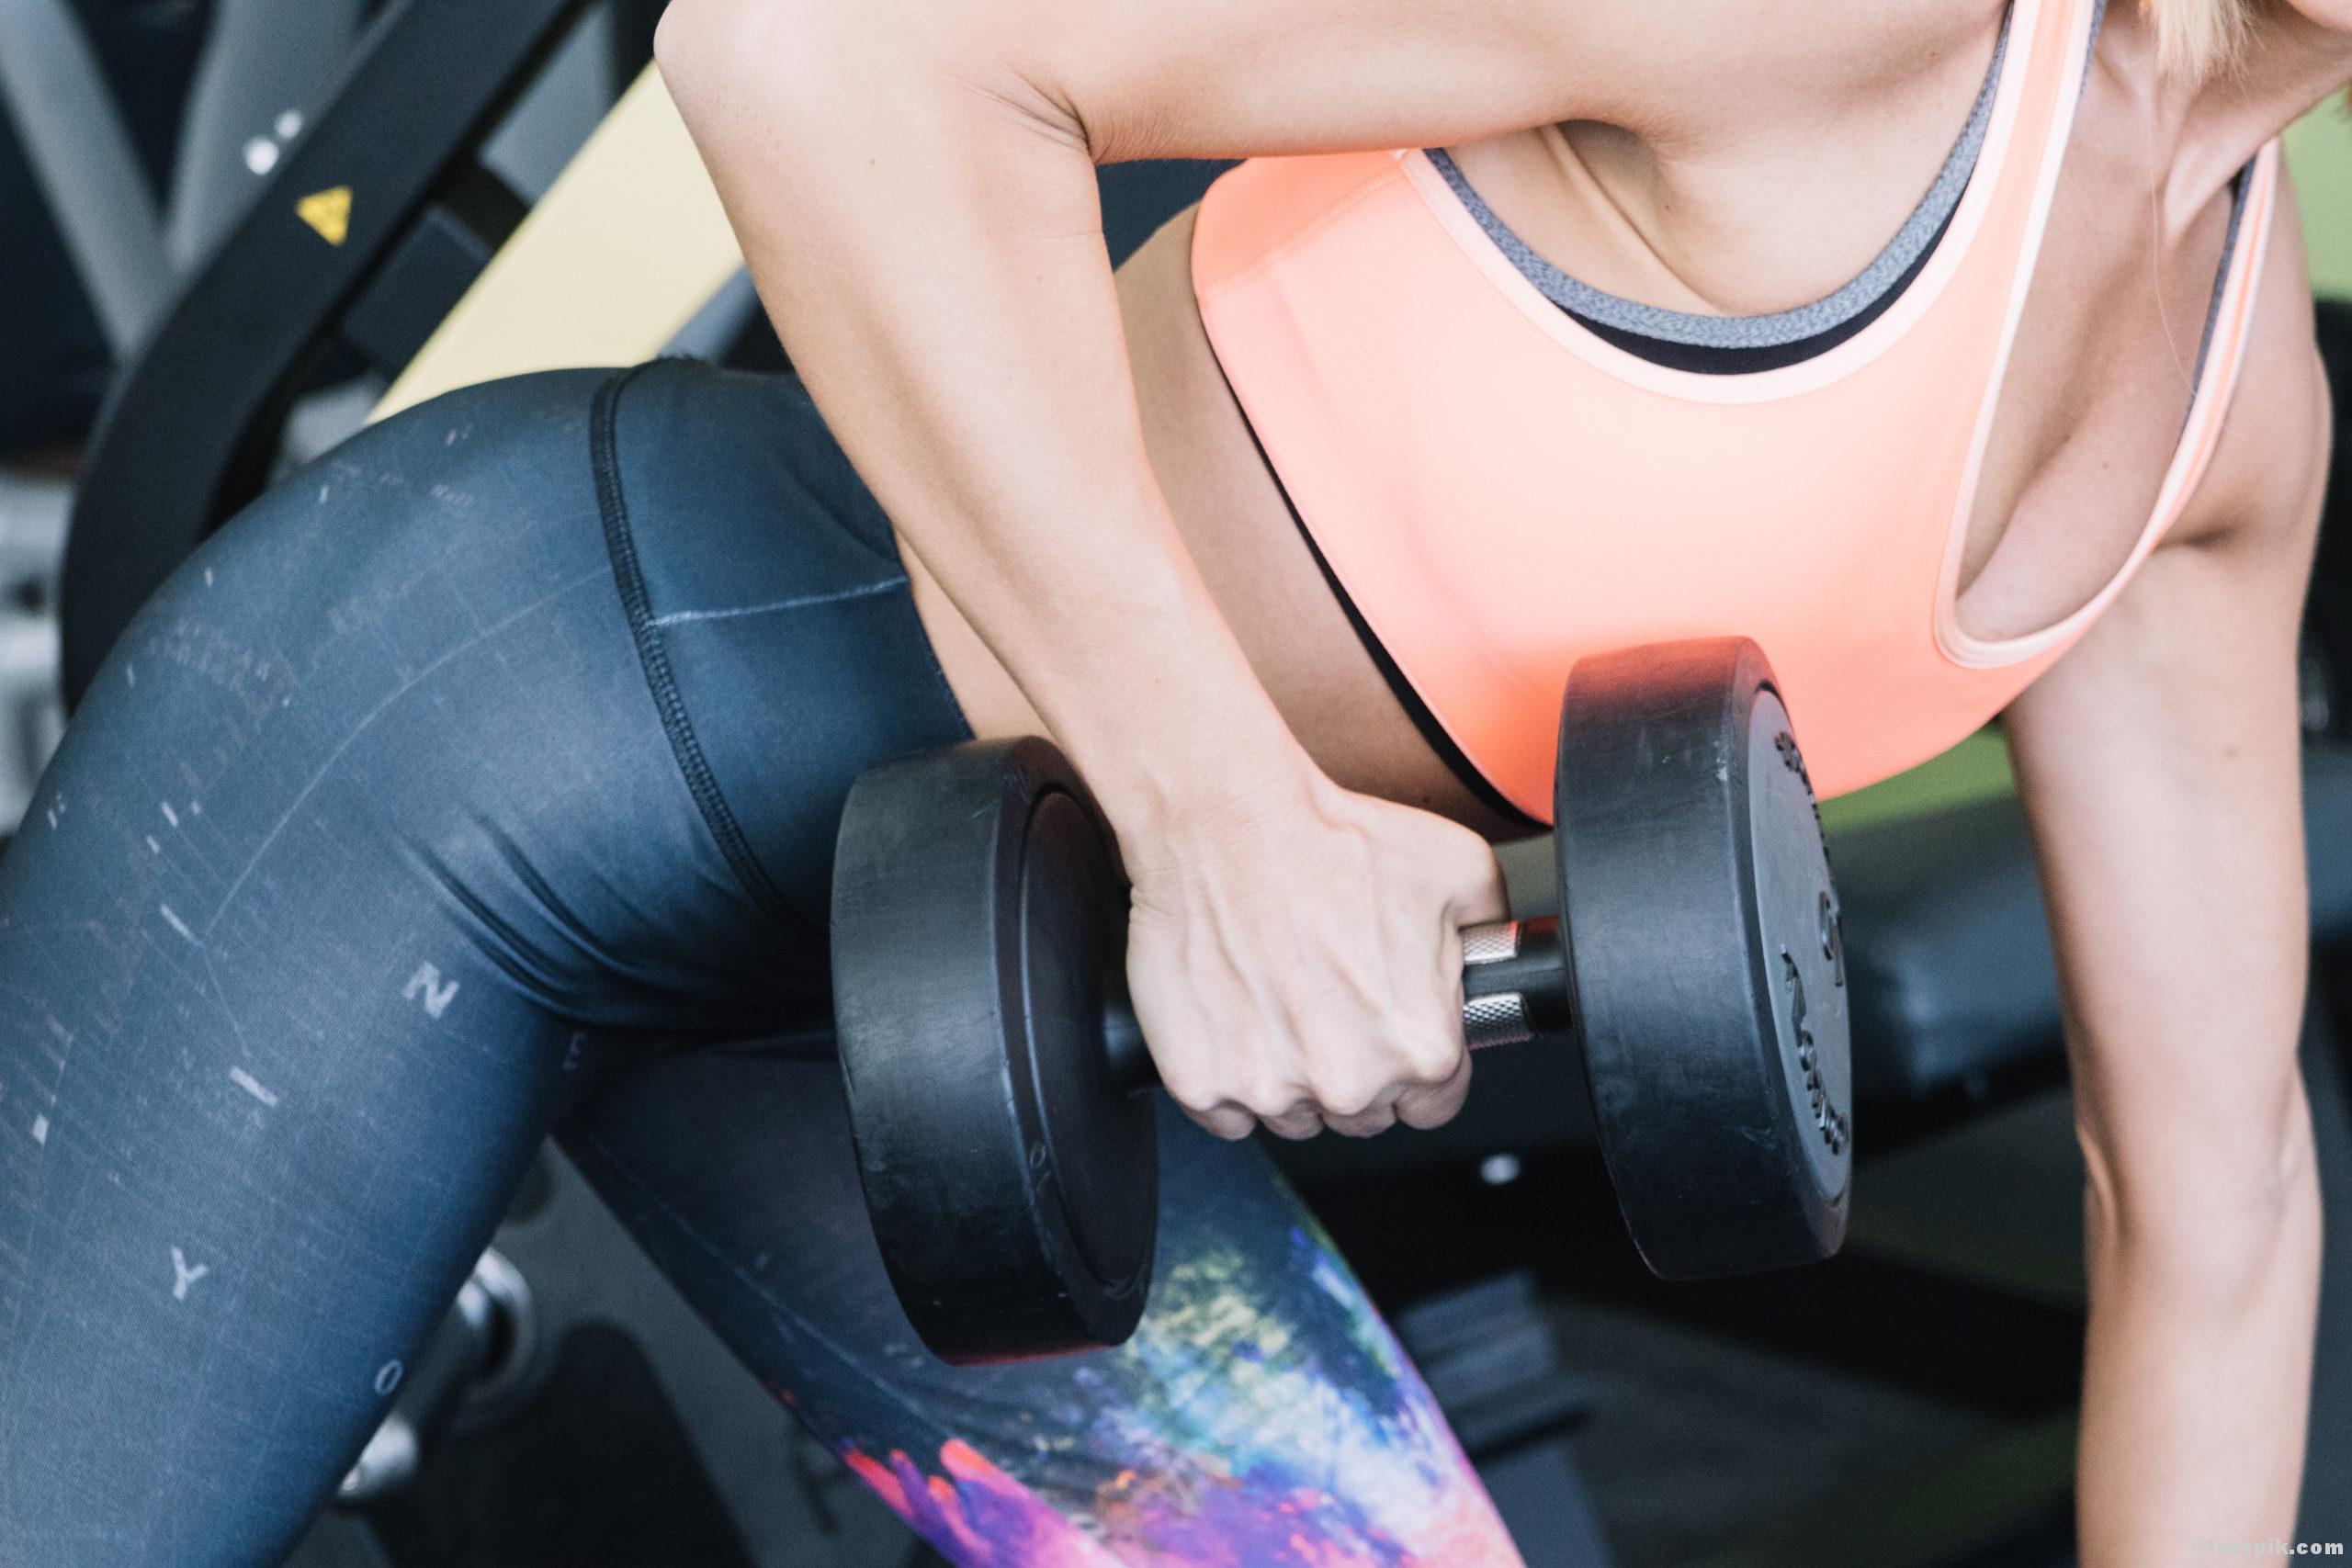 Wunderwerk Mensch! Wusstest du schon, dass......unsere Muskeln ein Muskelgedächtnis besitzen?